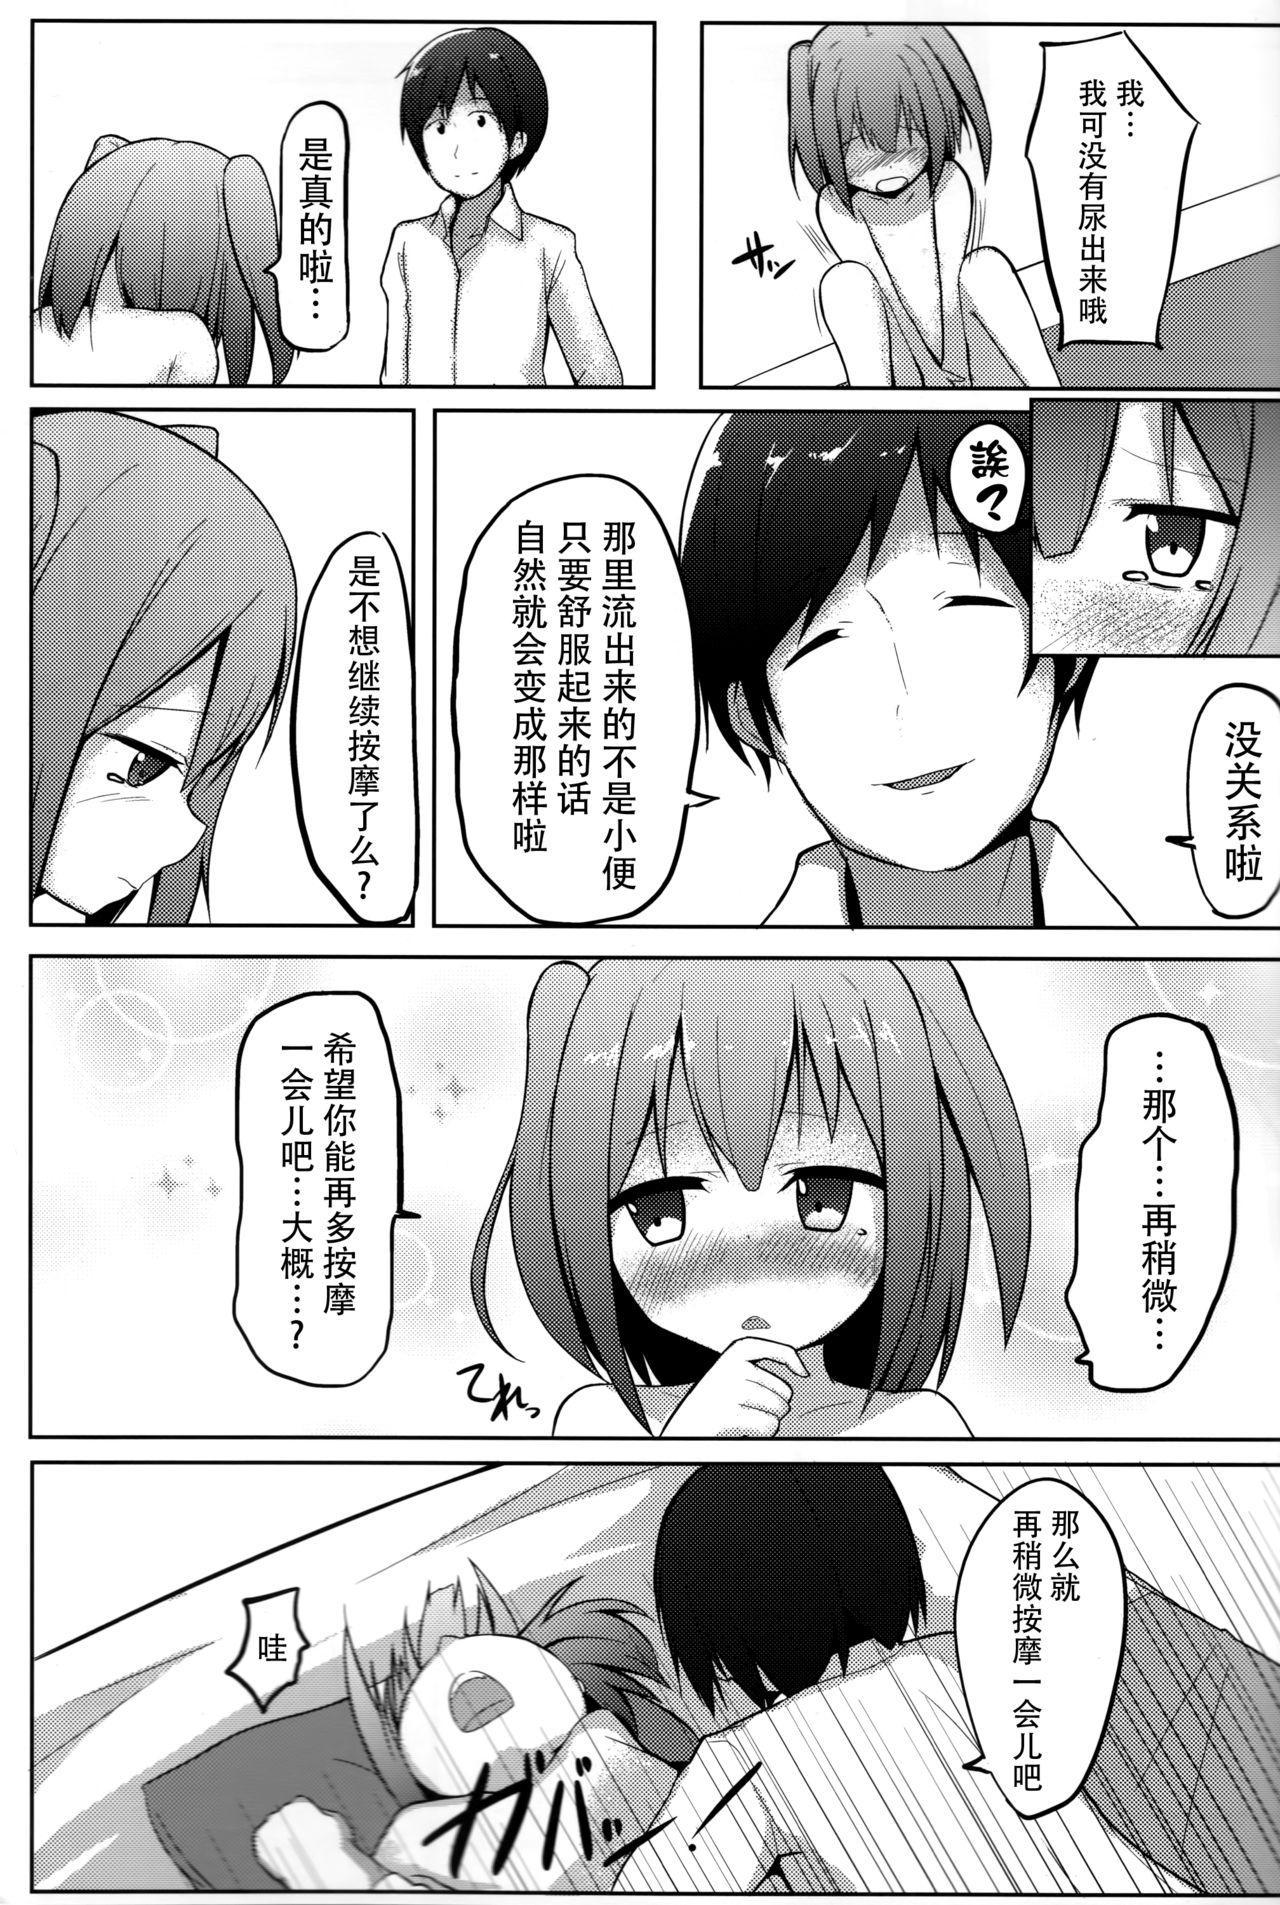 Sato de Ninki no Massage Yasan Chart. 3 Hikari no Sanyousei 13